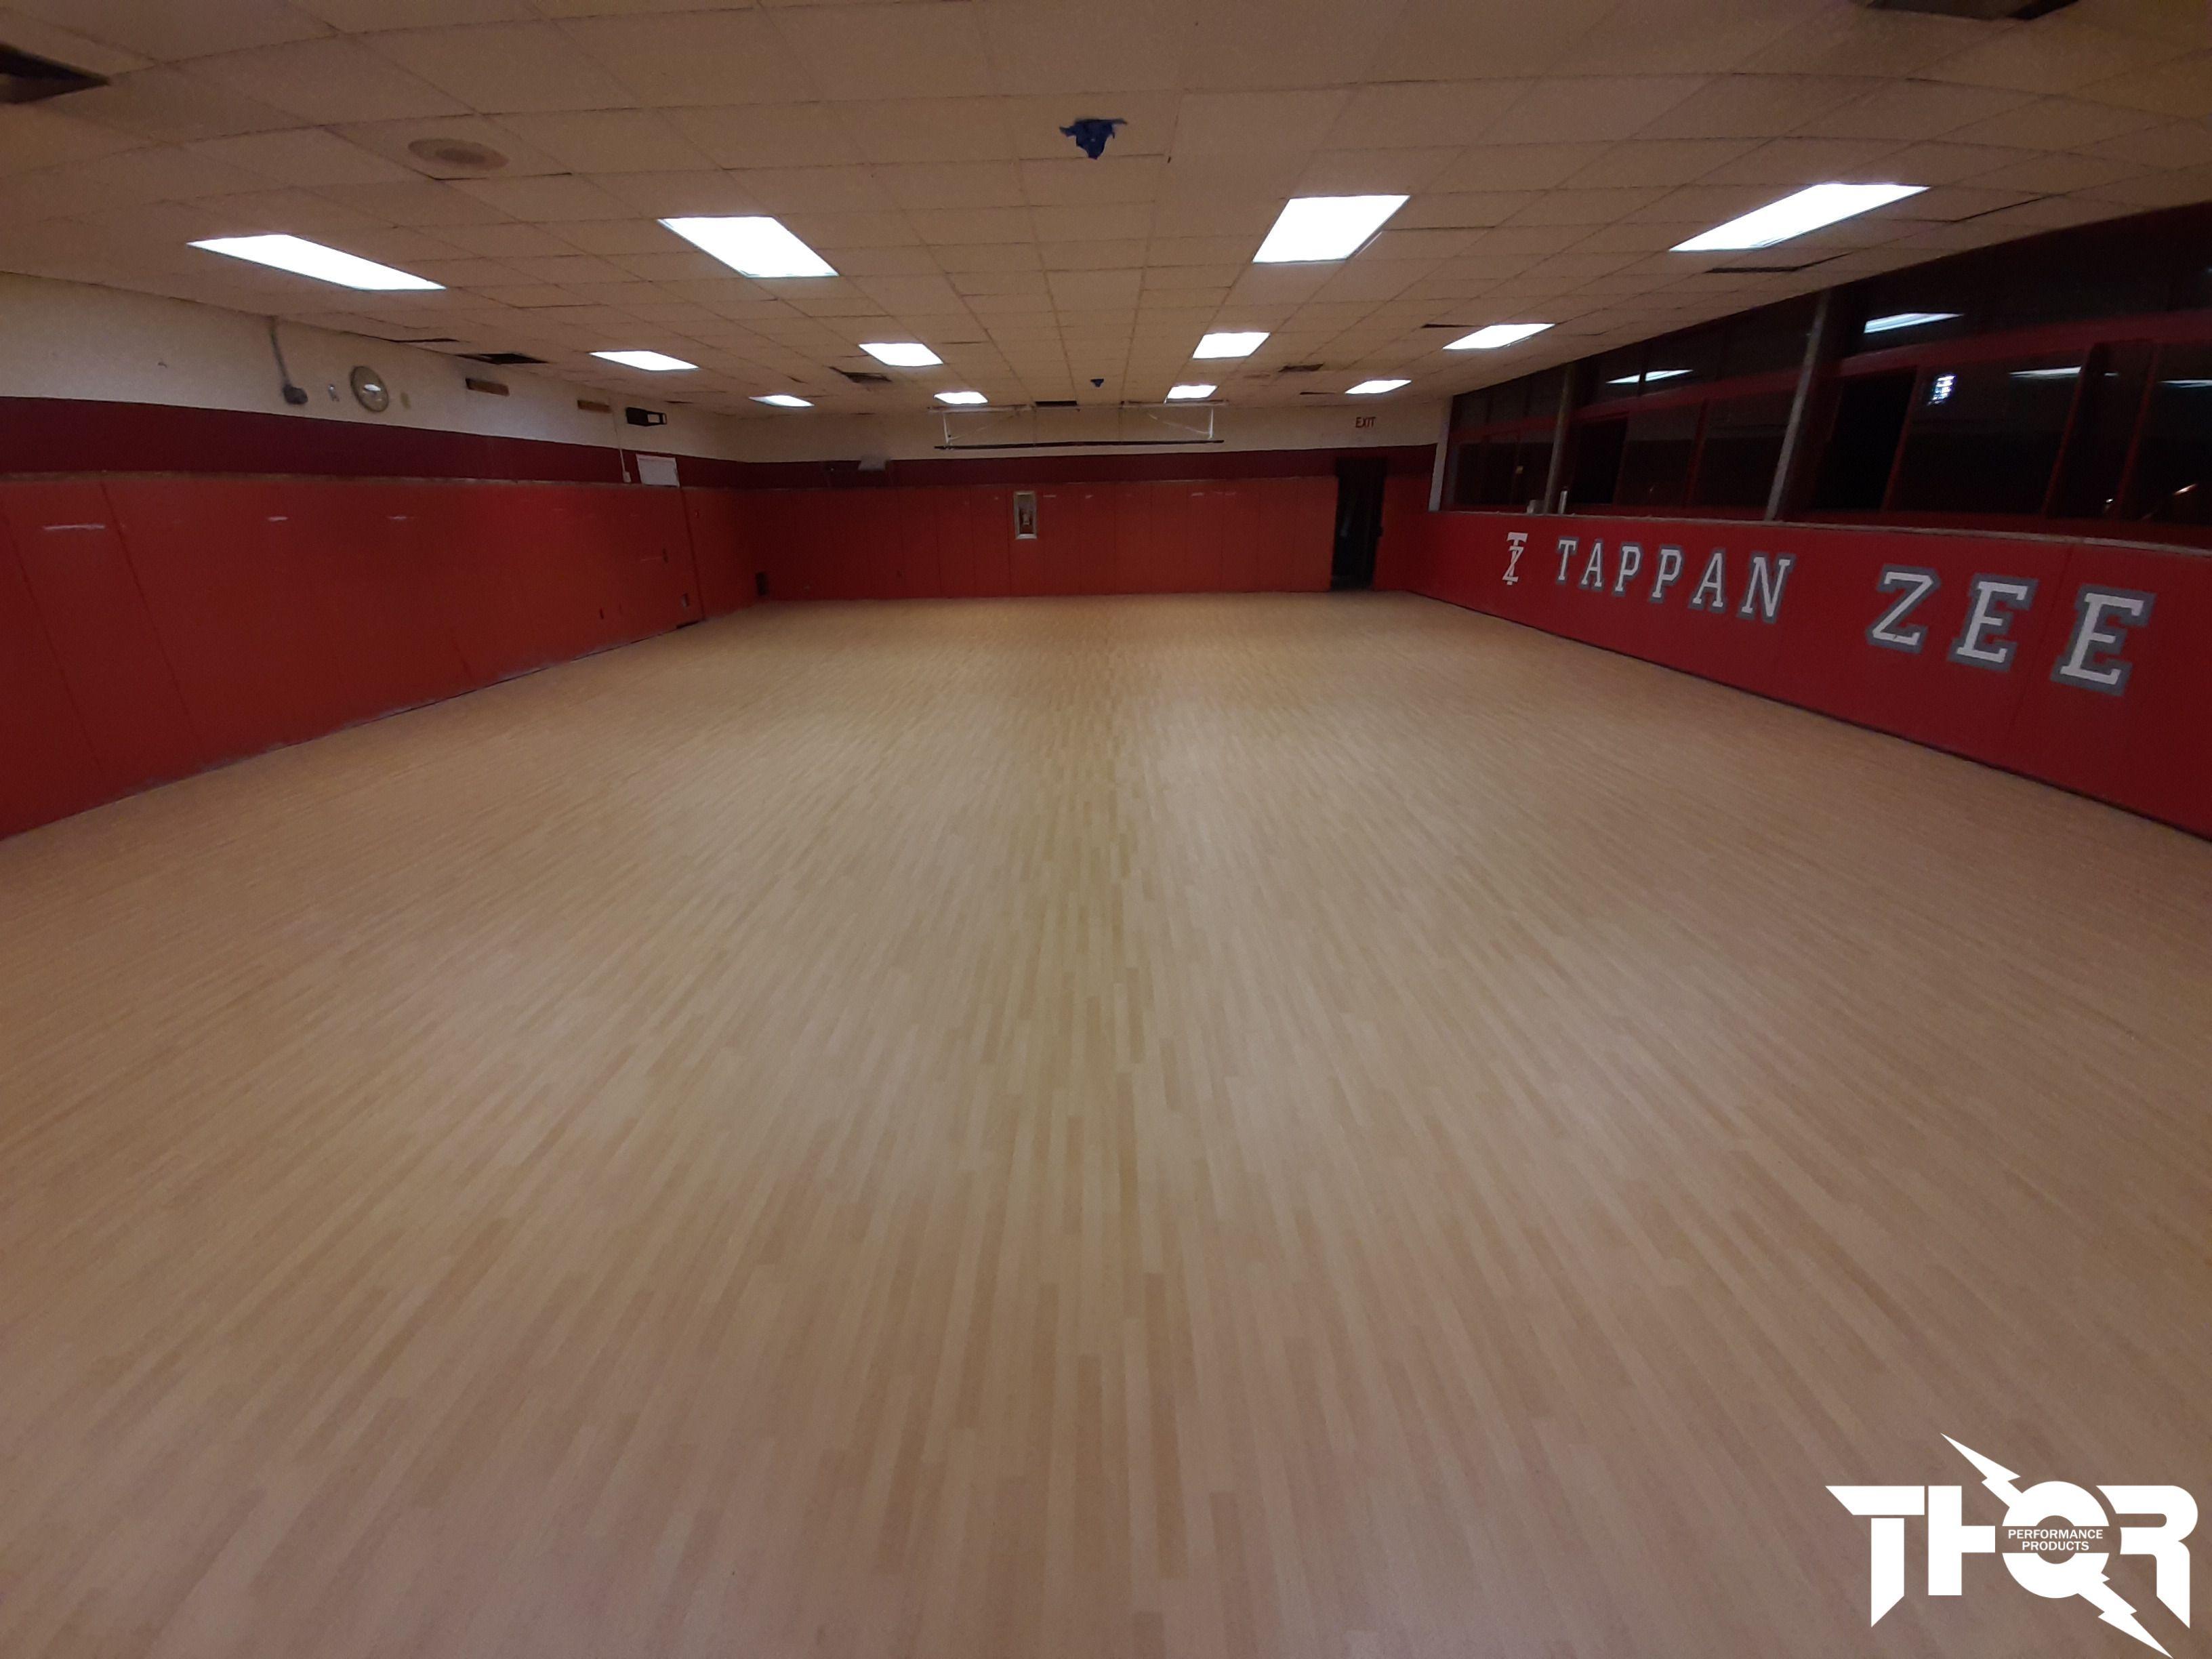 Flooring For Wrestling Rooms Wellness Design Flooring Multipurpose Room